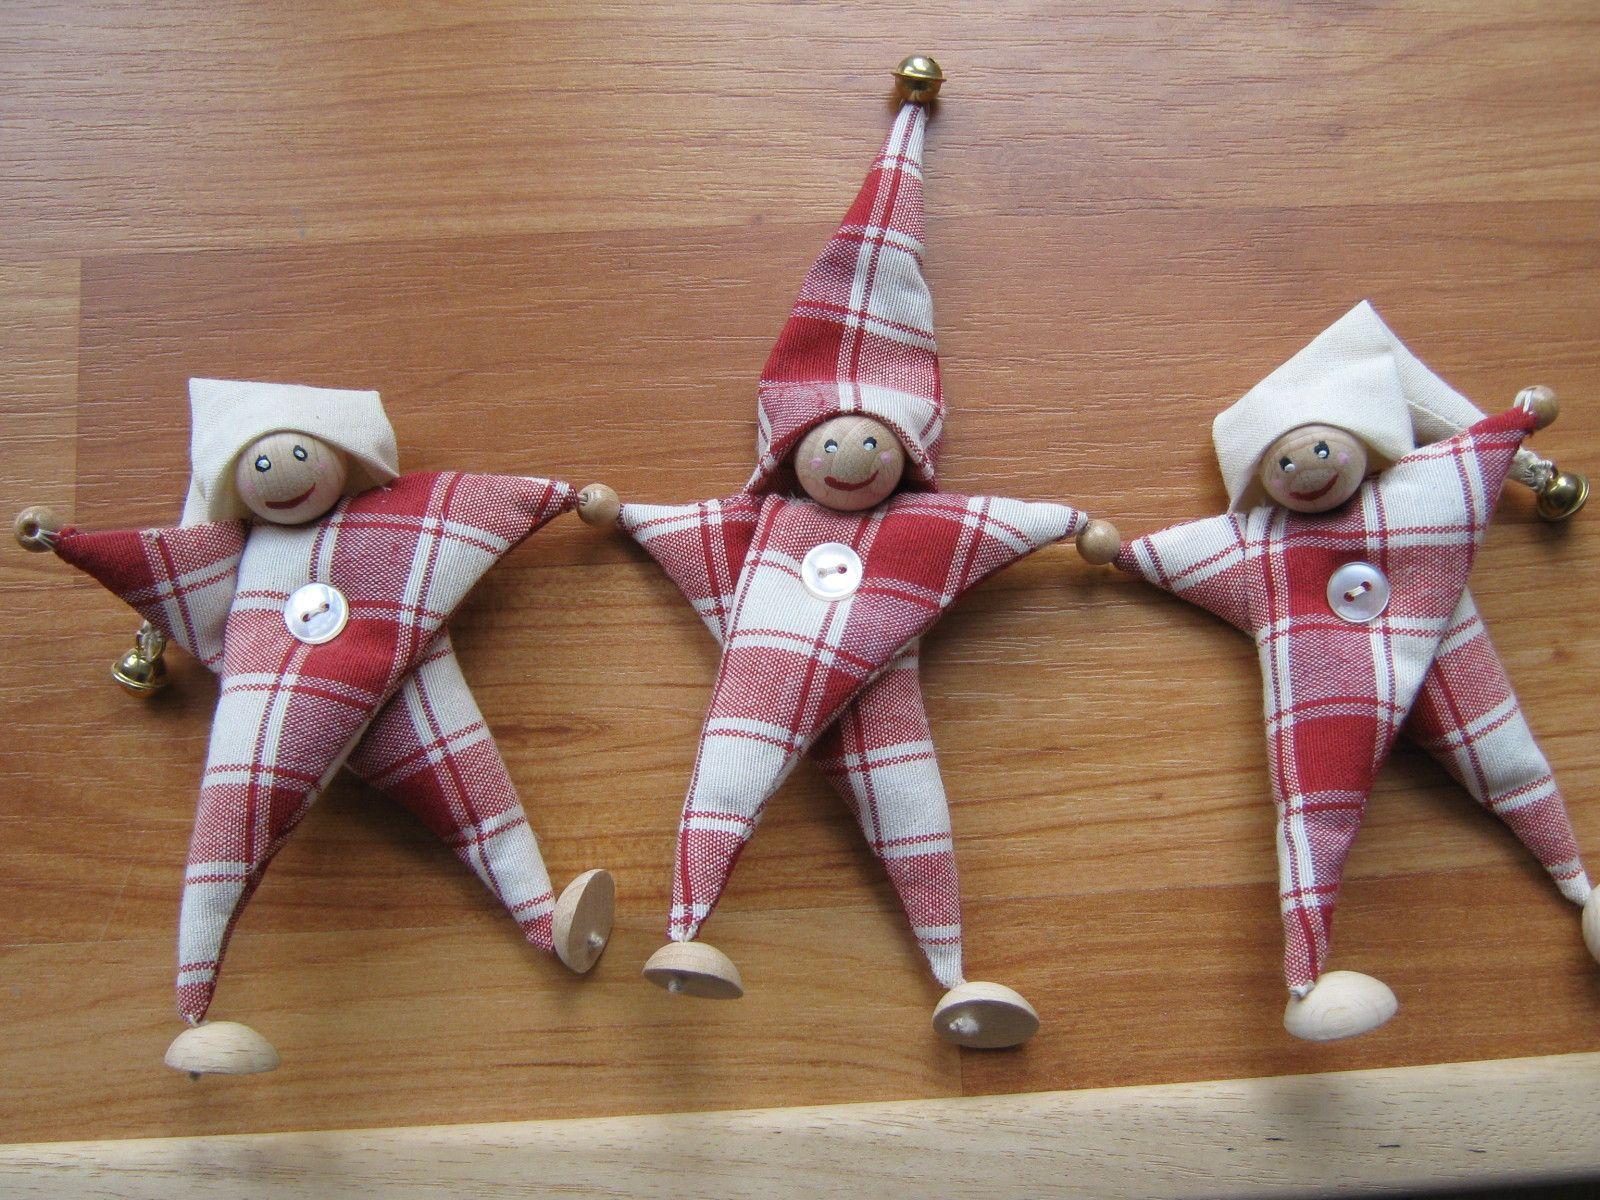 Cel sont fait avec les perles en bois voici le tuto de Tuto decoration de noel en tissus